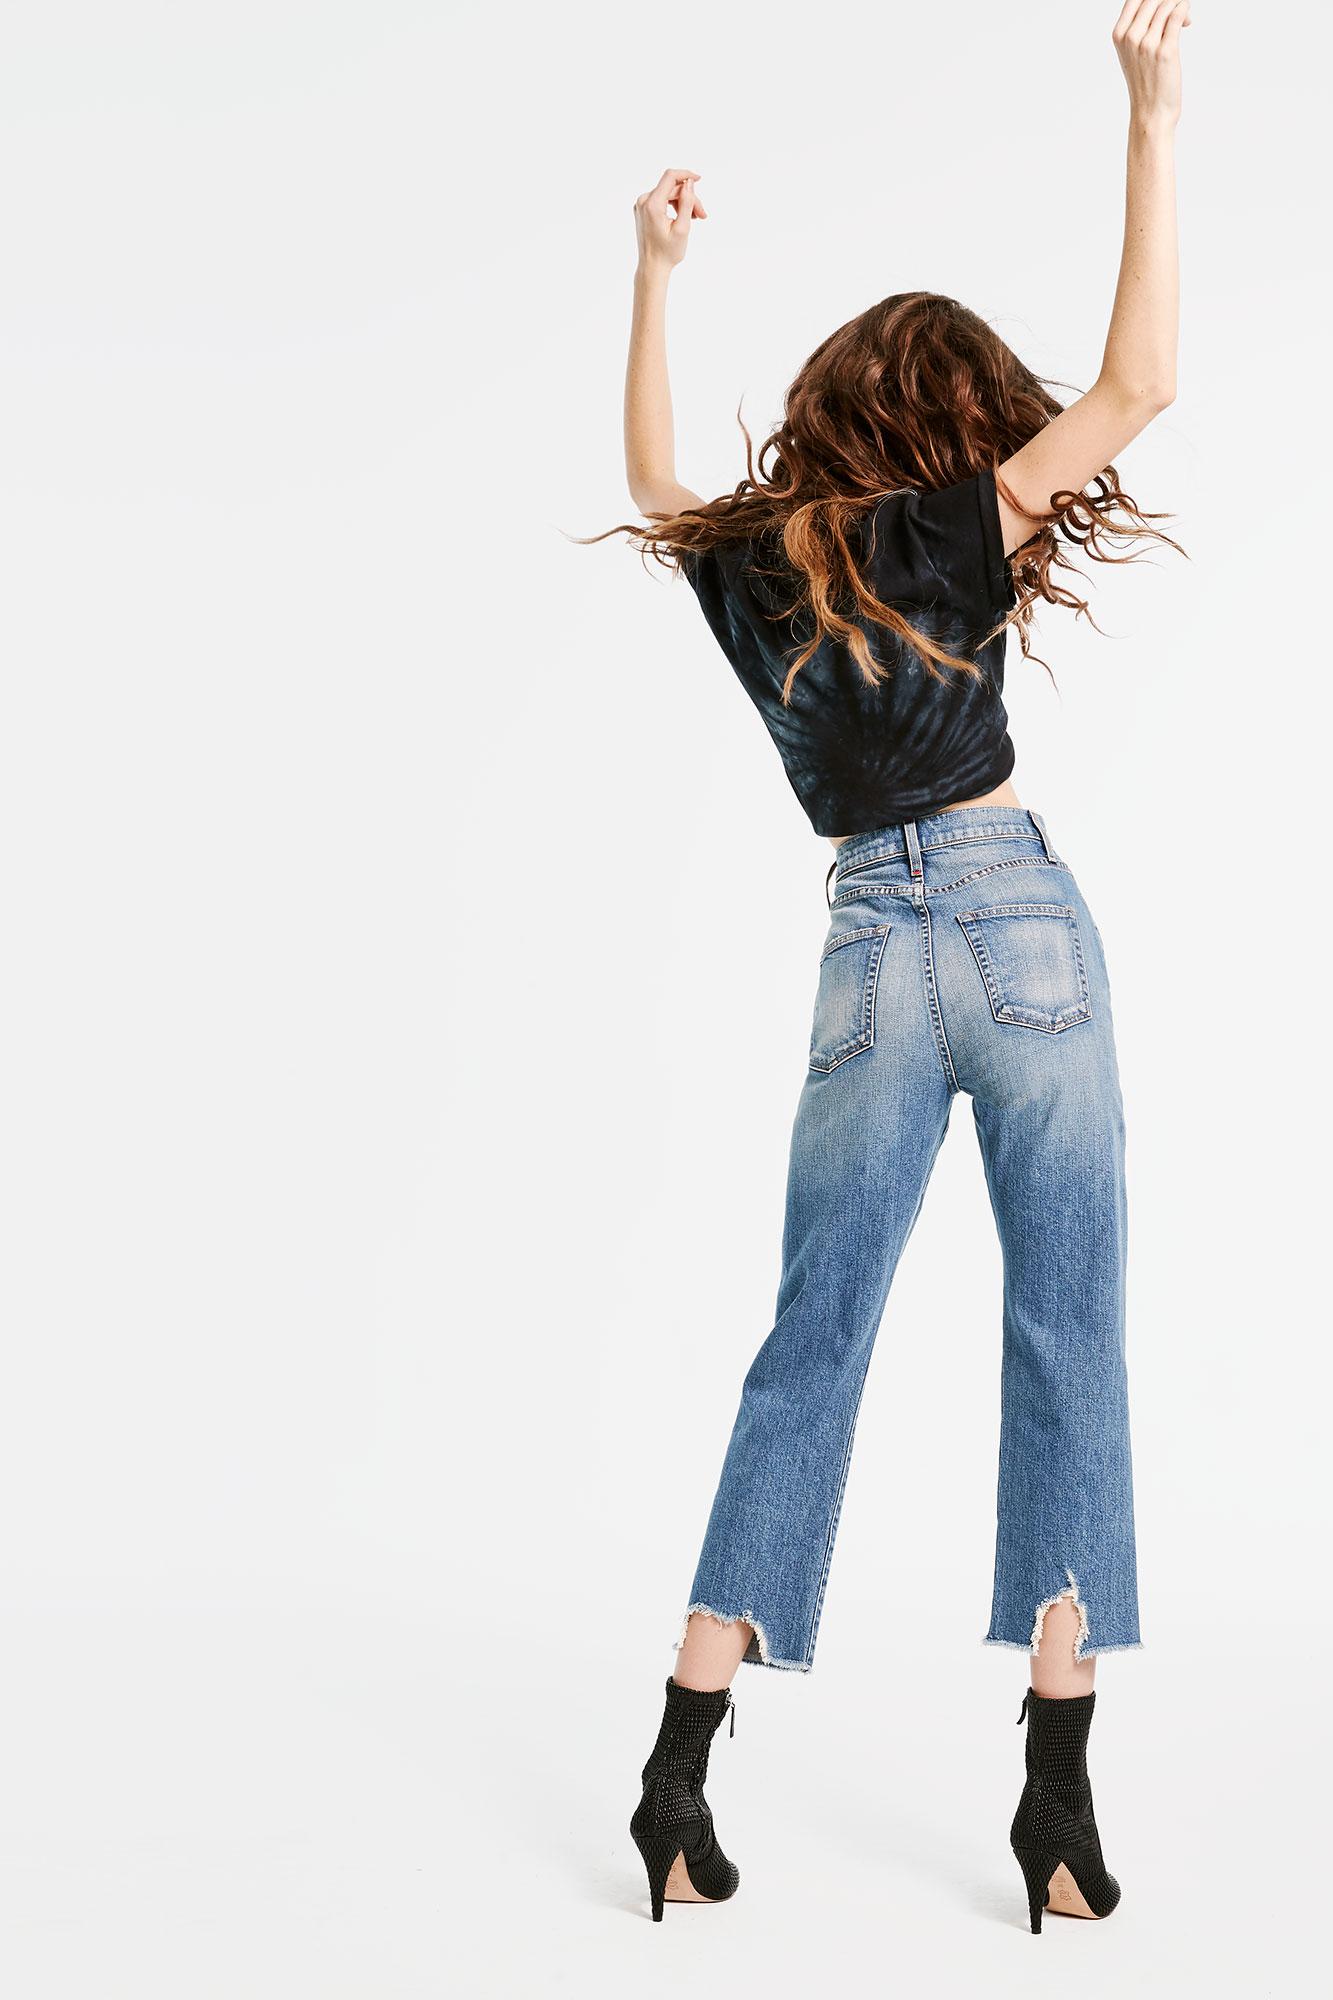 alice+olivia-jeans-spring-001.jpg